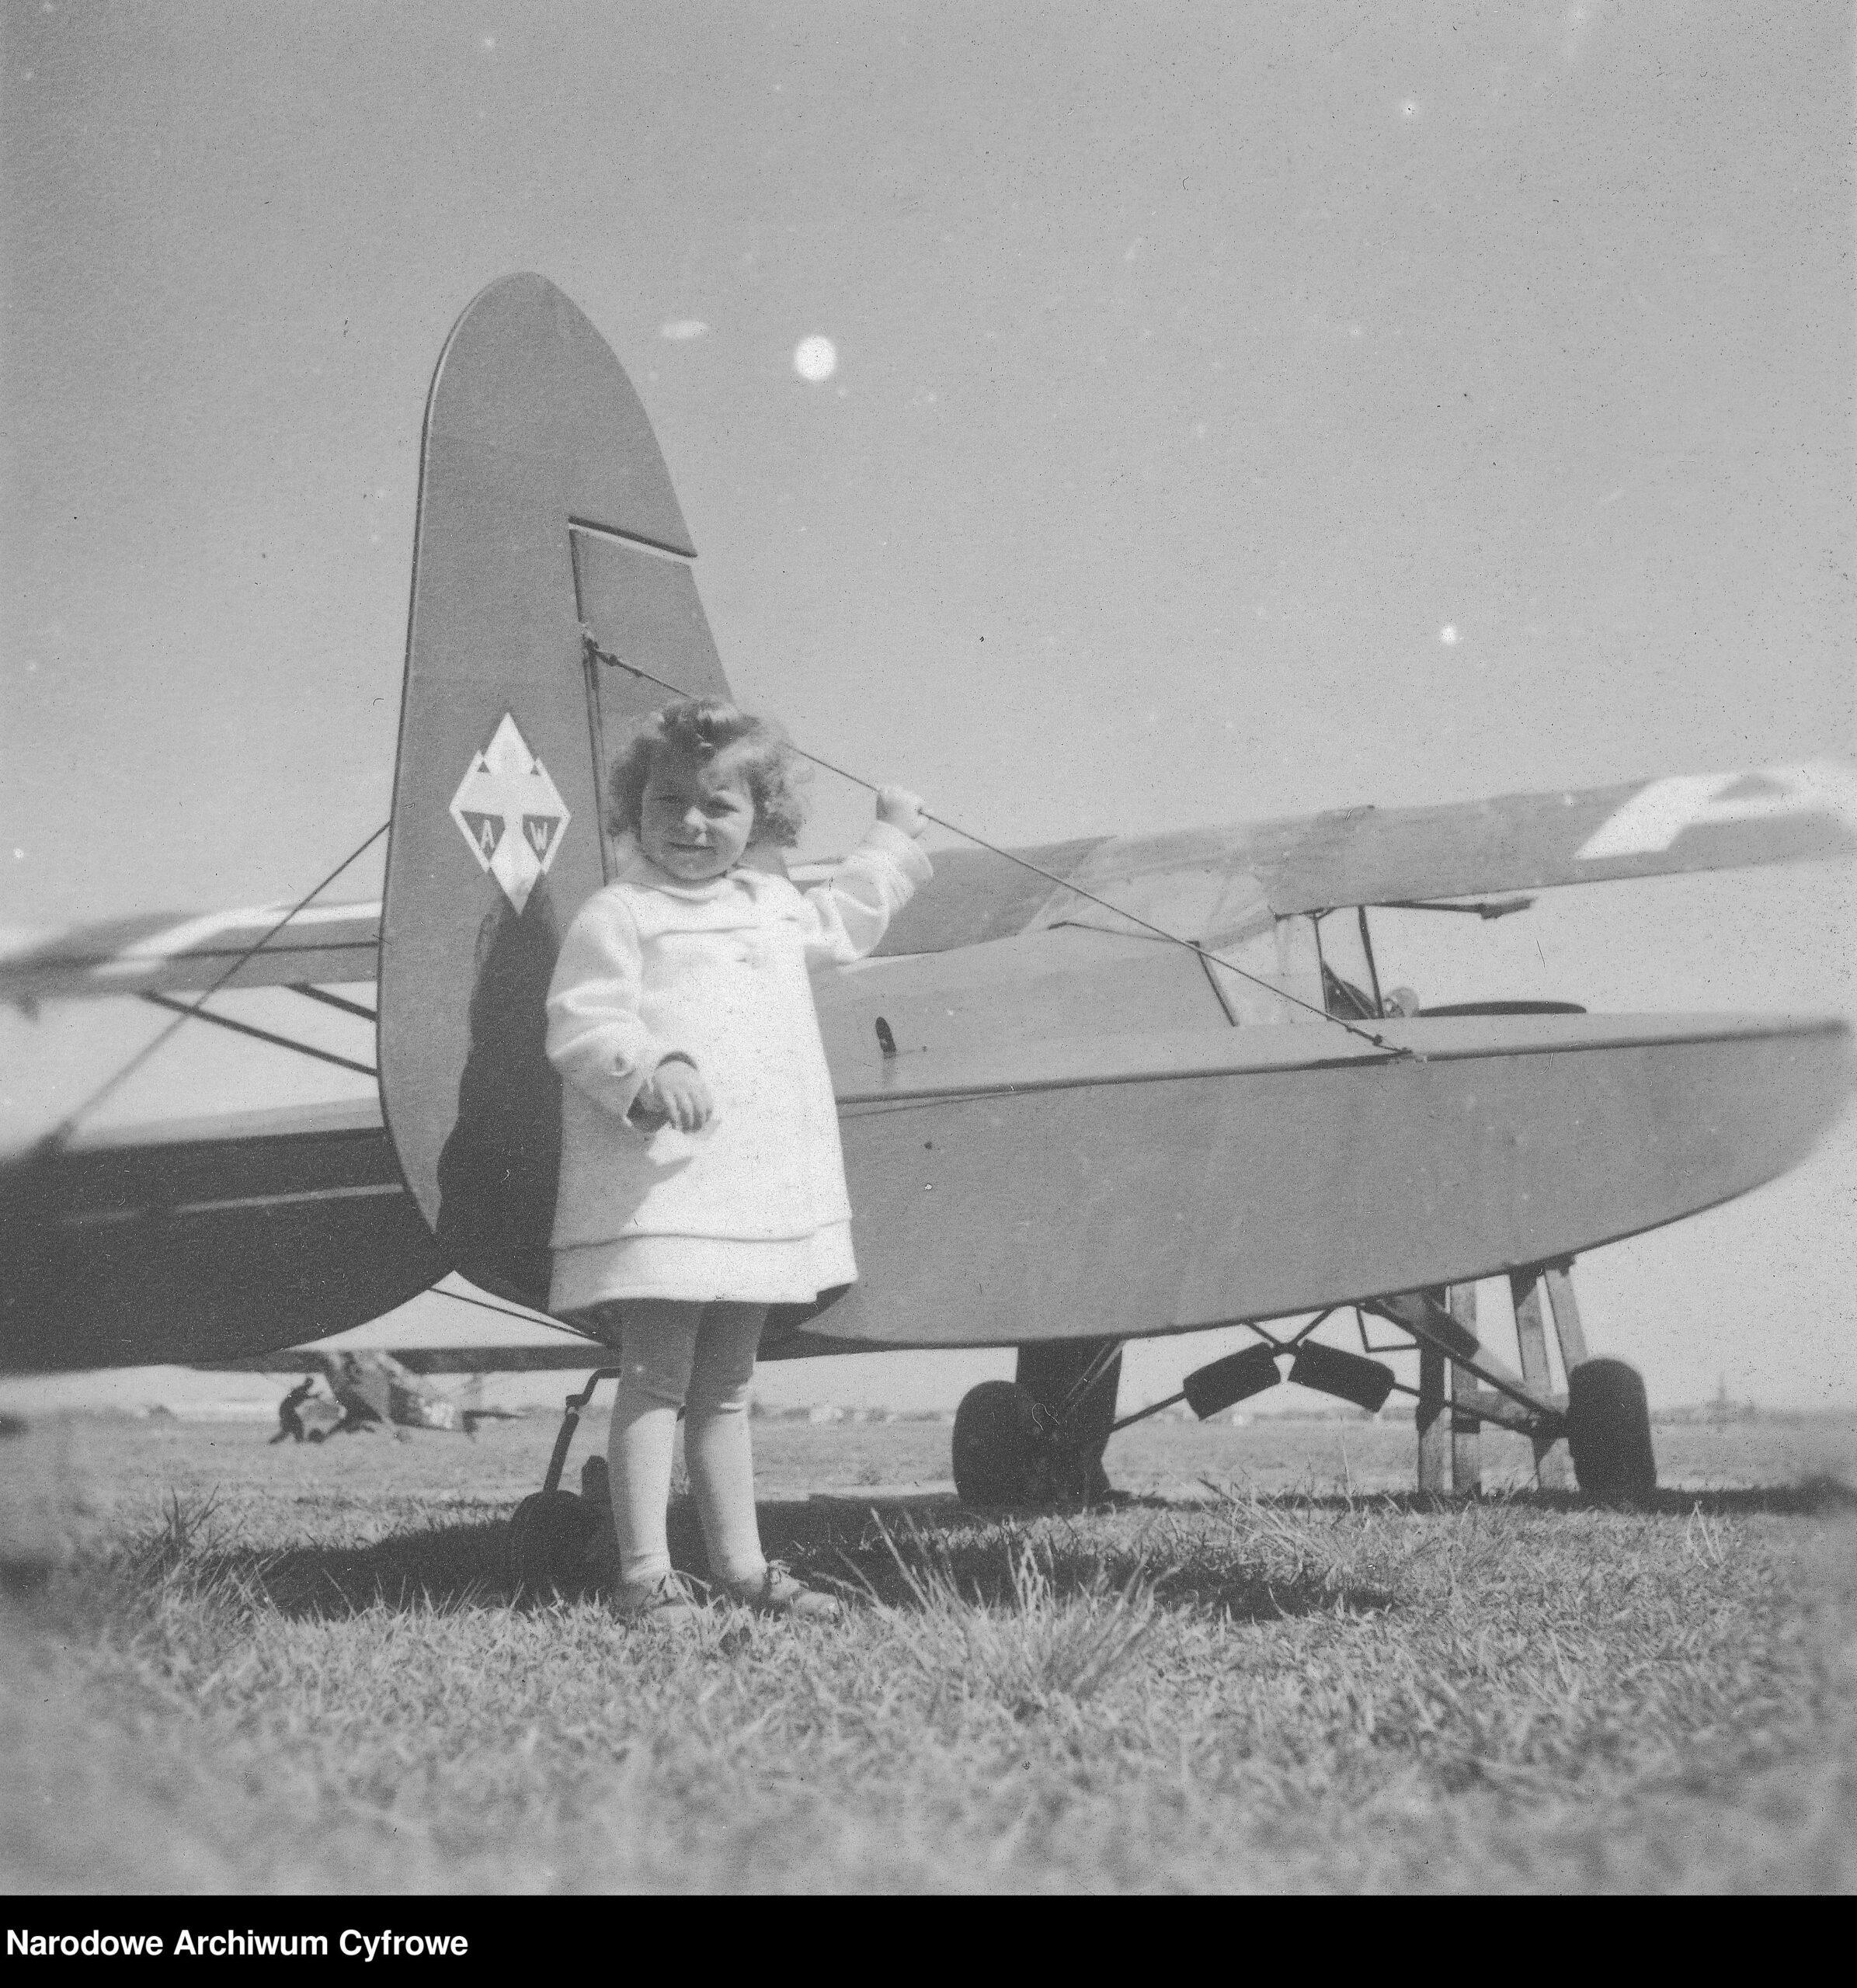 Czarno białe zdjęcie. Mała dziewczynka ubrana nabiało stoi przy starym samolocie.